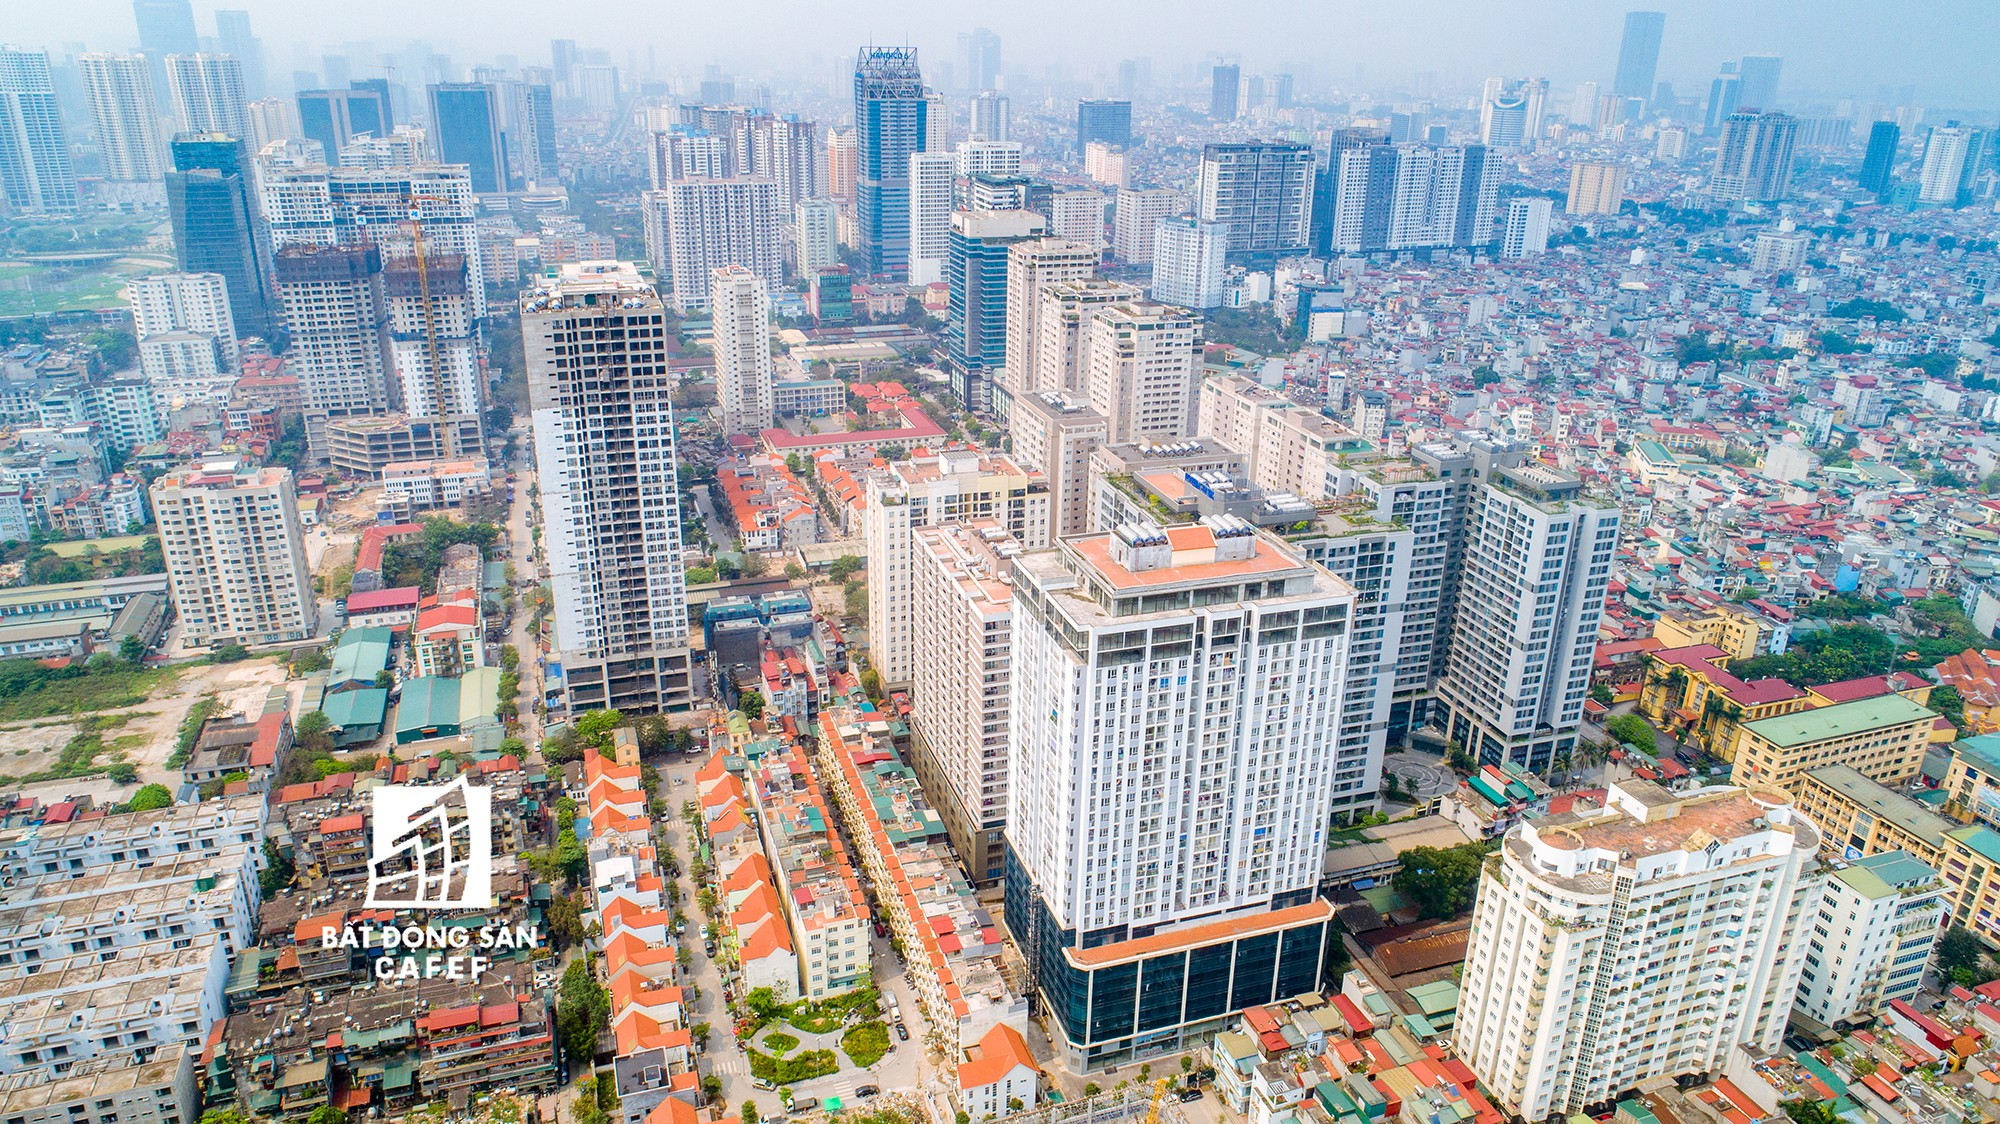 """Toàn cảnh """"rừng"""" cao ốc đang bóp nghẹt khu đô thị kiểu mẫu bậc nhất Hà Nội - Ảnh 3."""